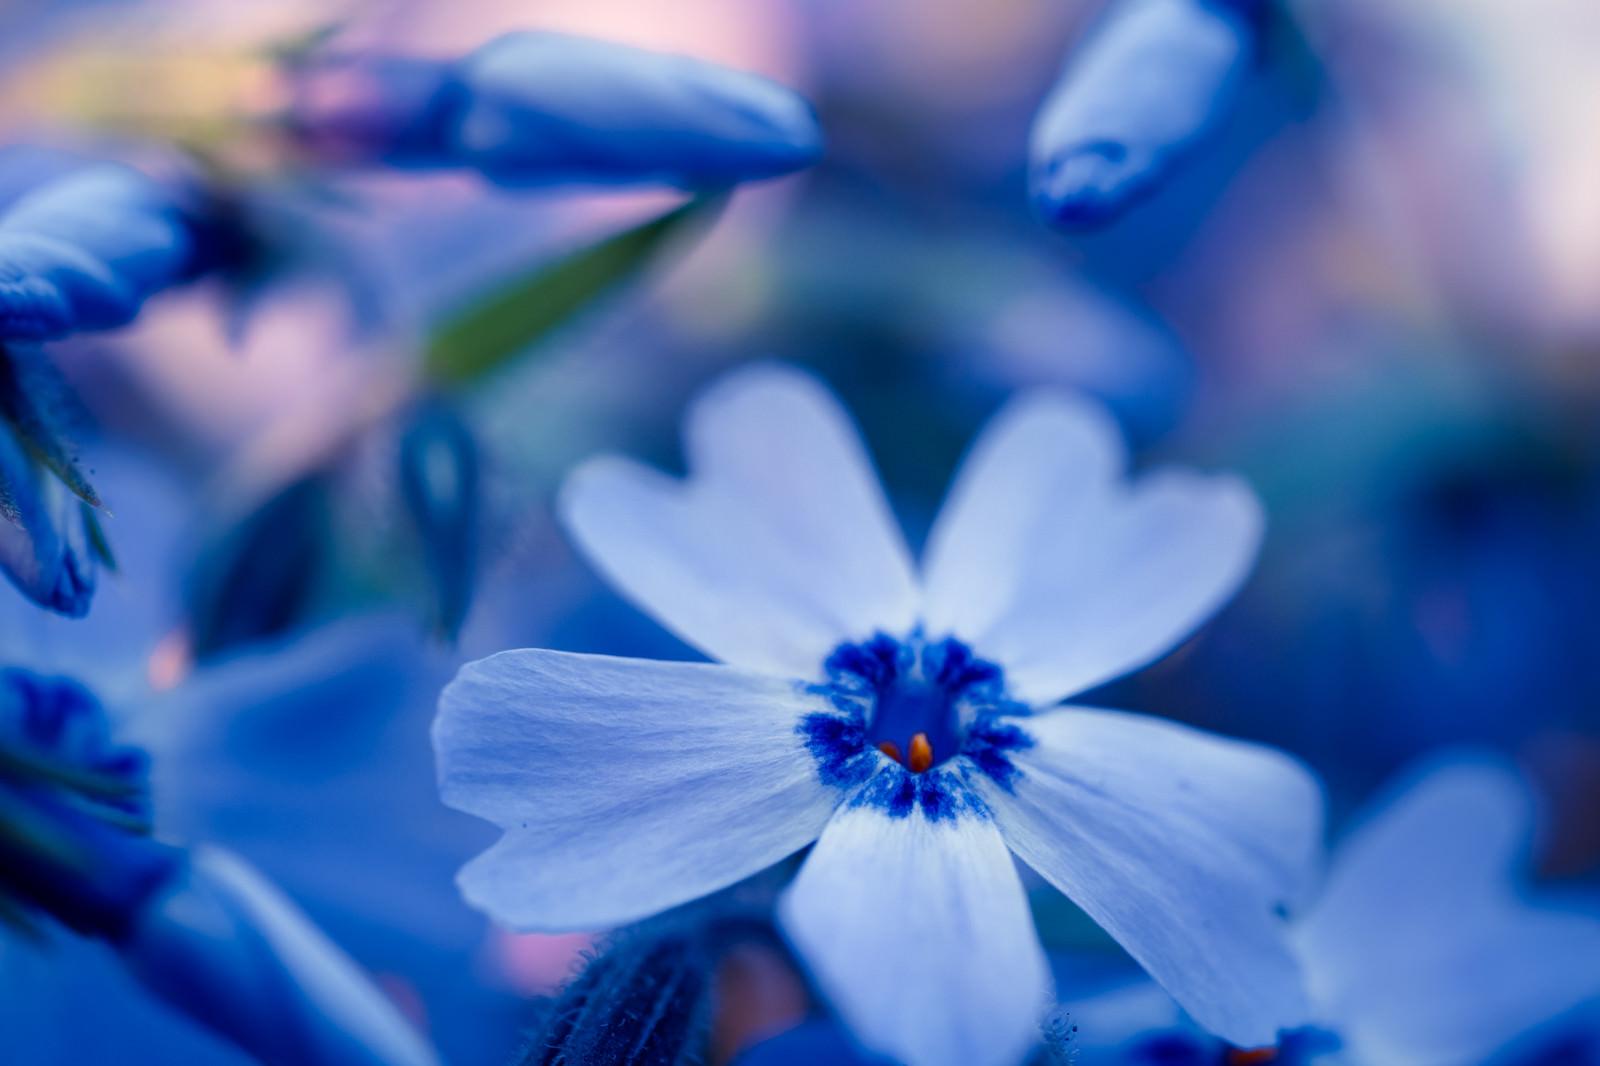 「青い秋桜青い秋桜」のフリー写真素材を拡大